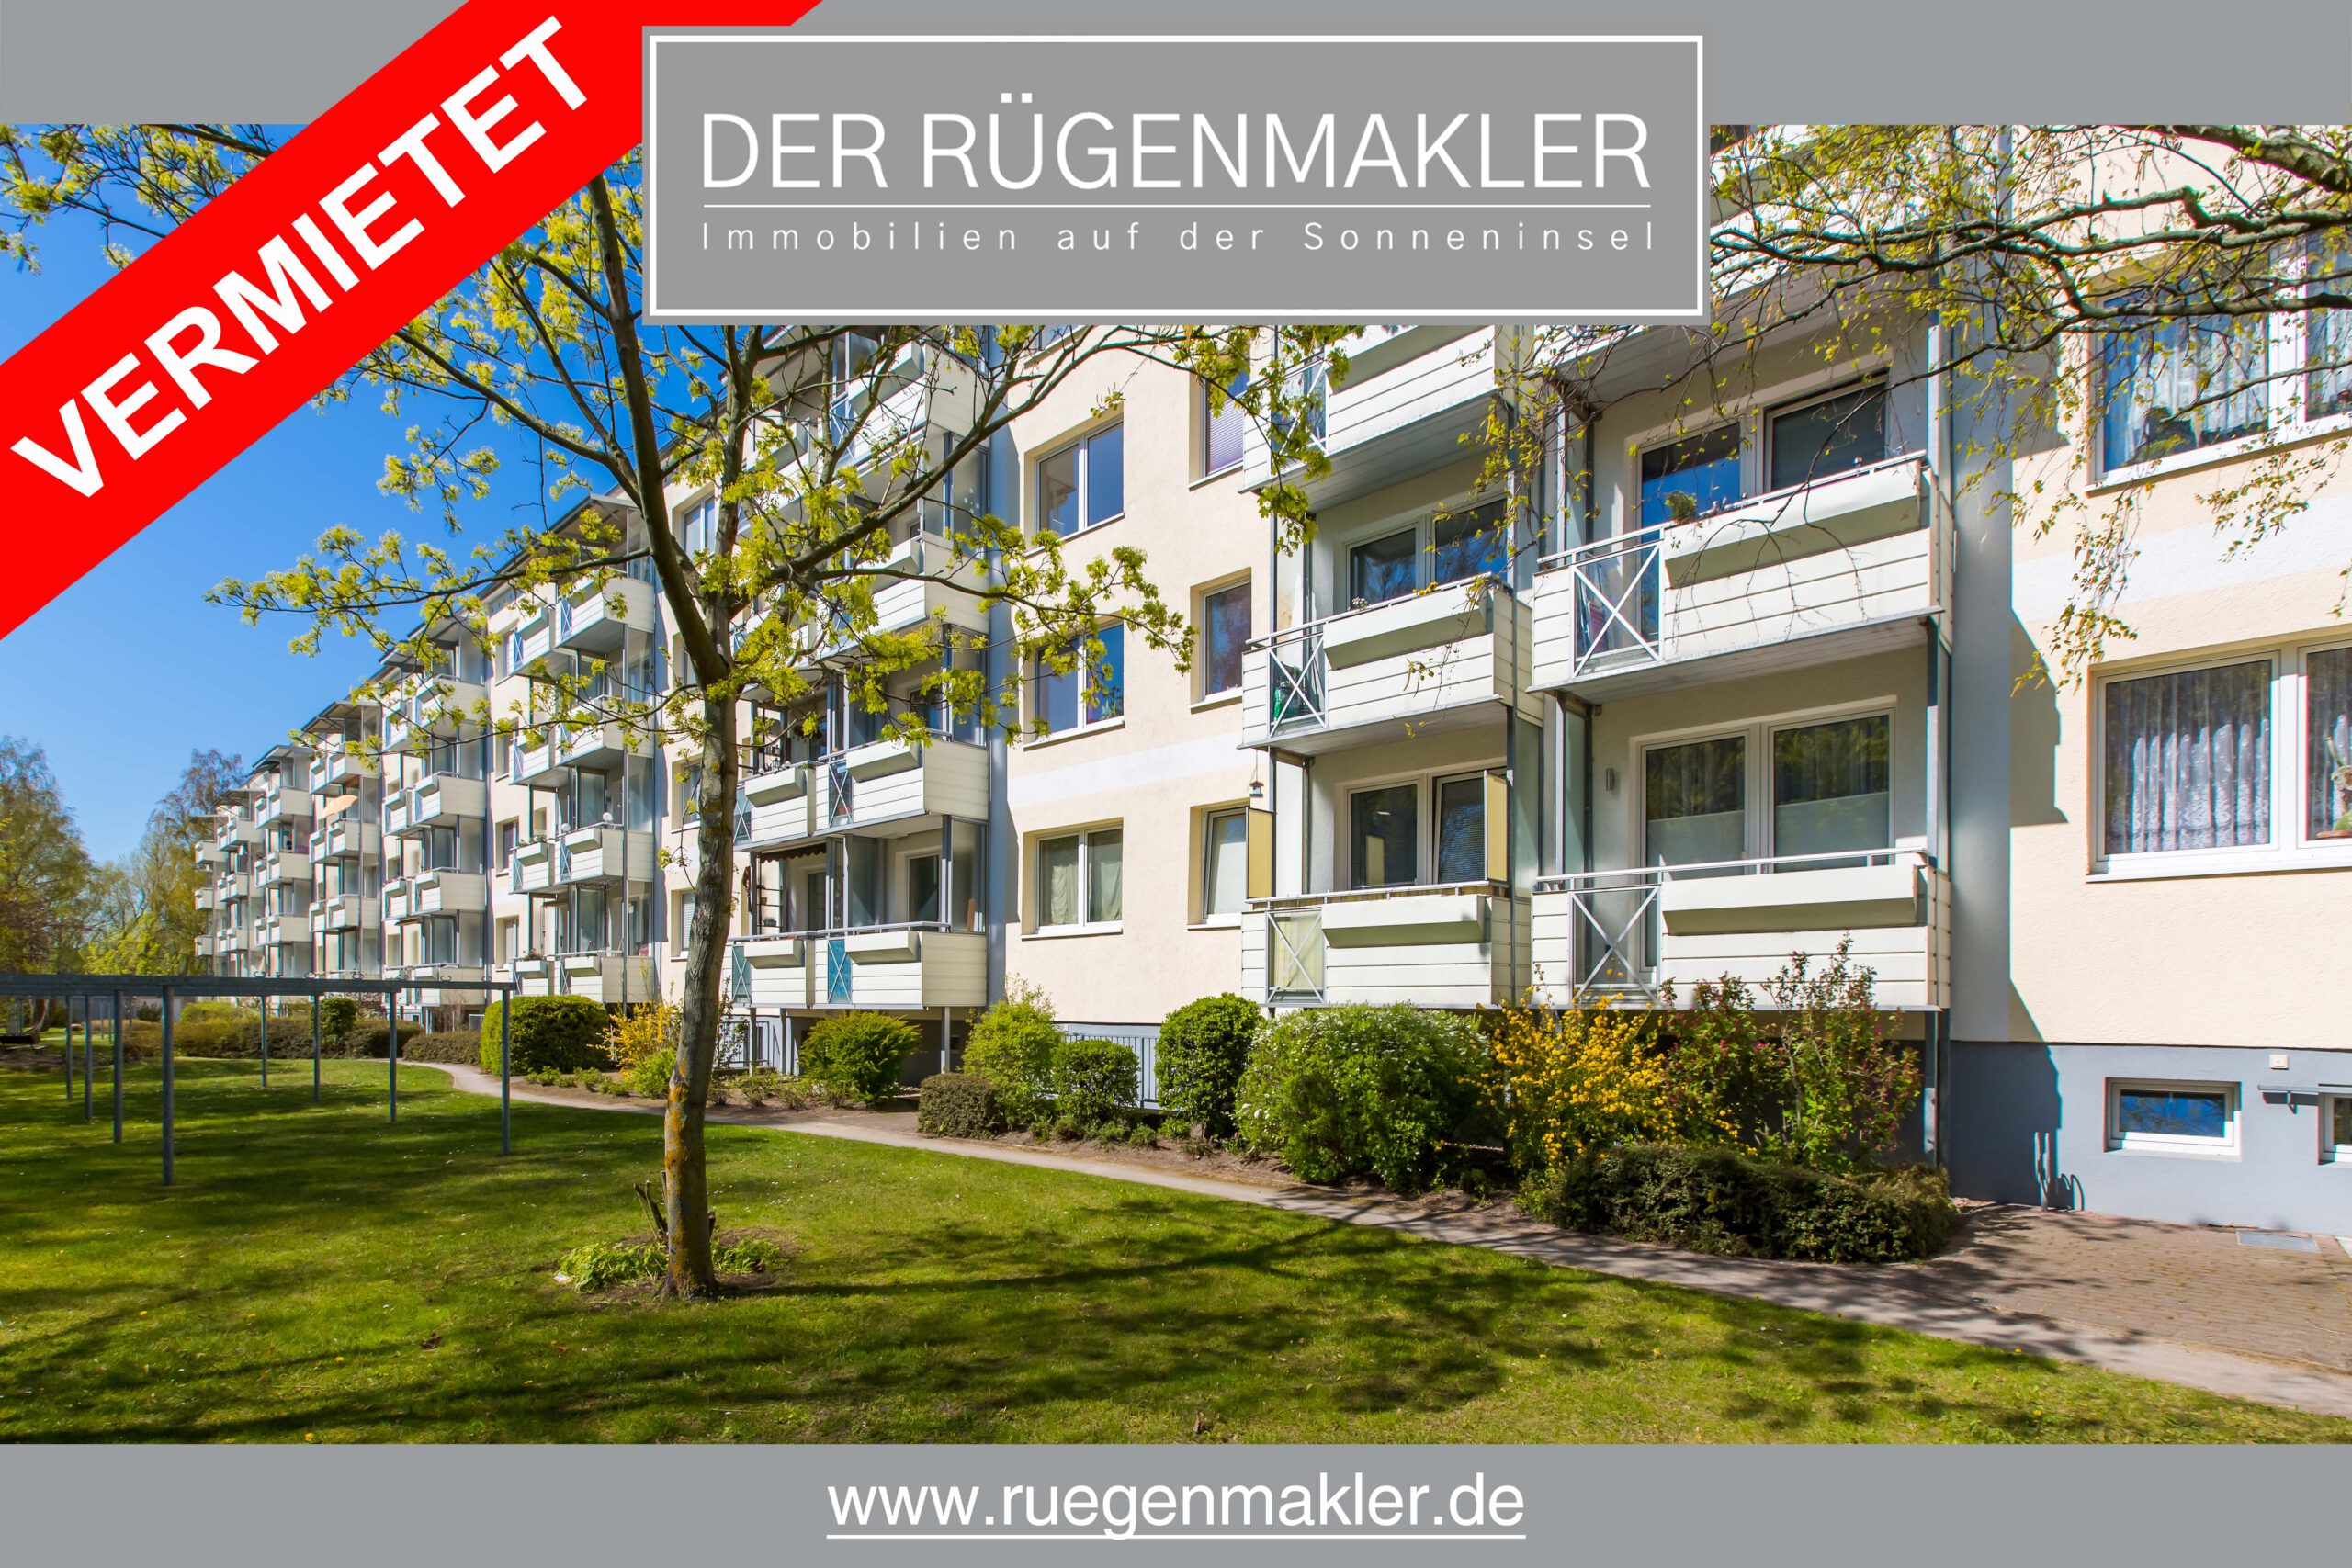 ruegenmakler-greifswald-mietwohnung